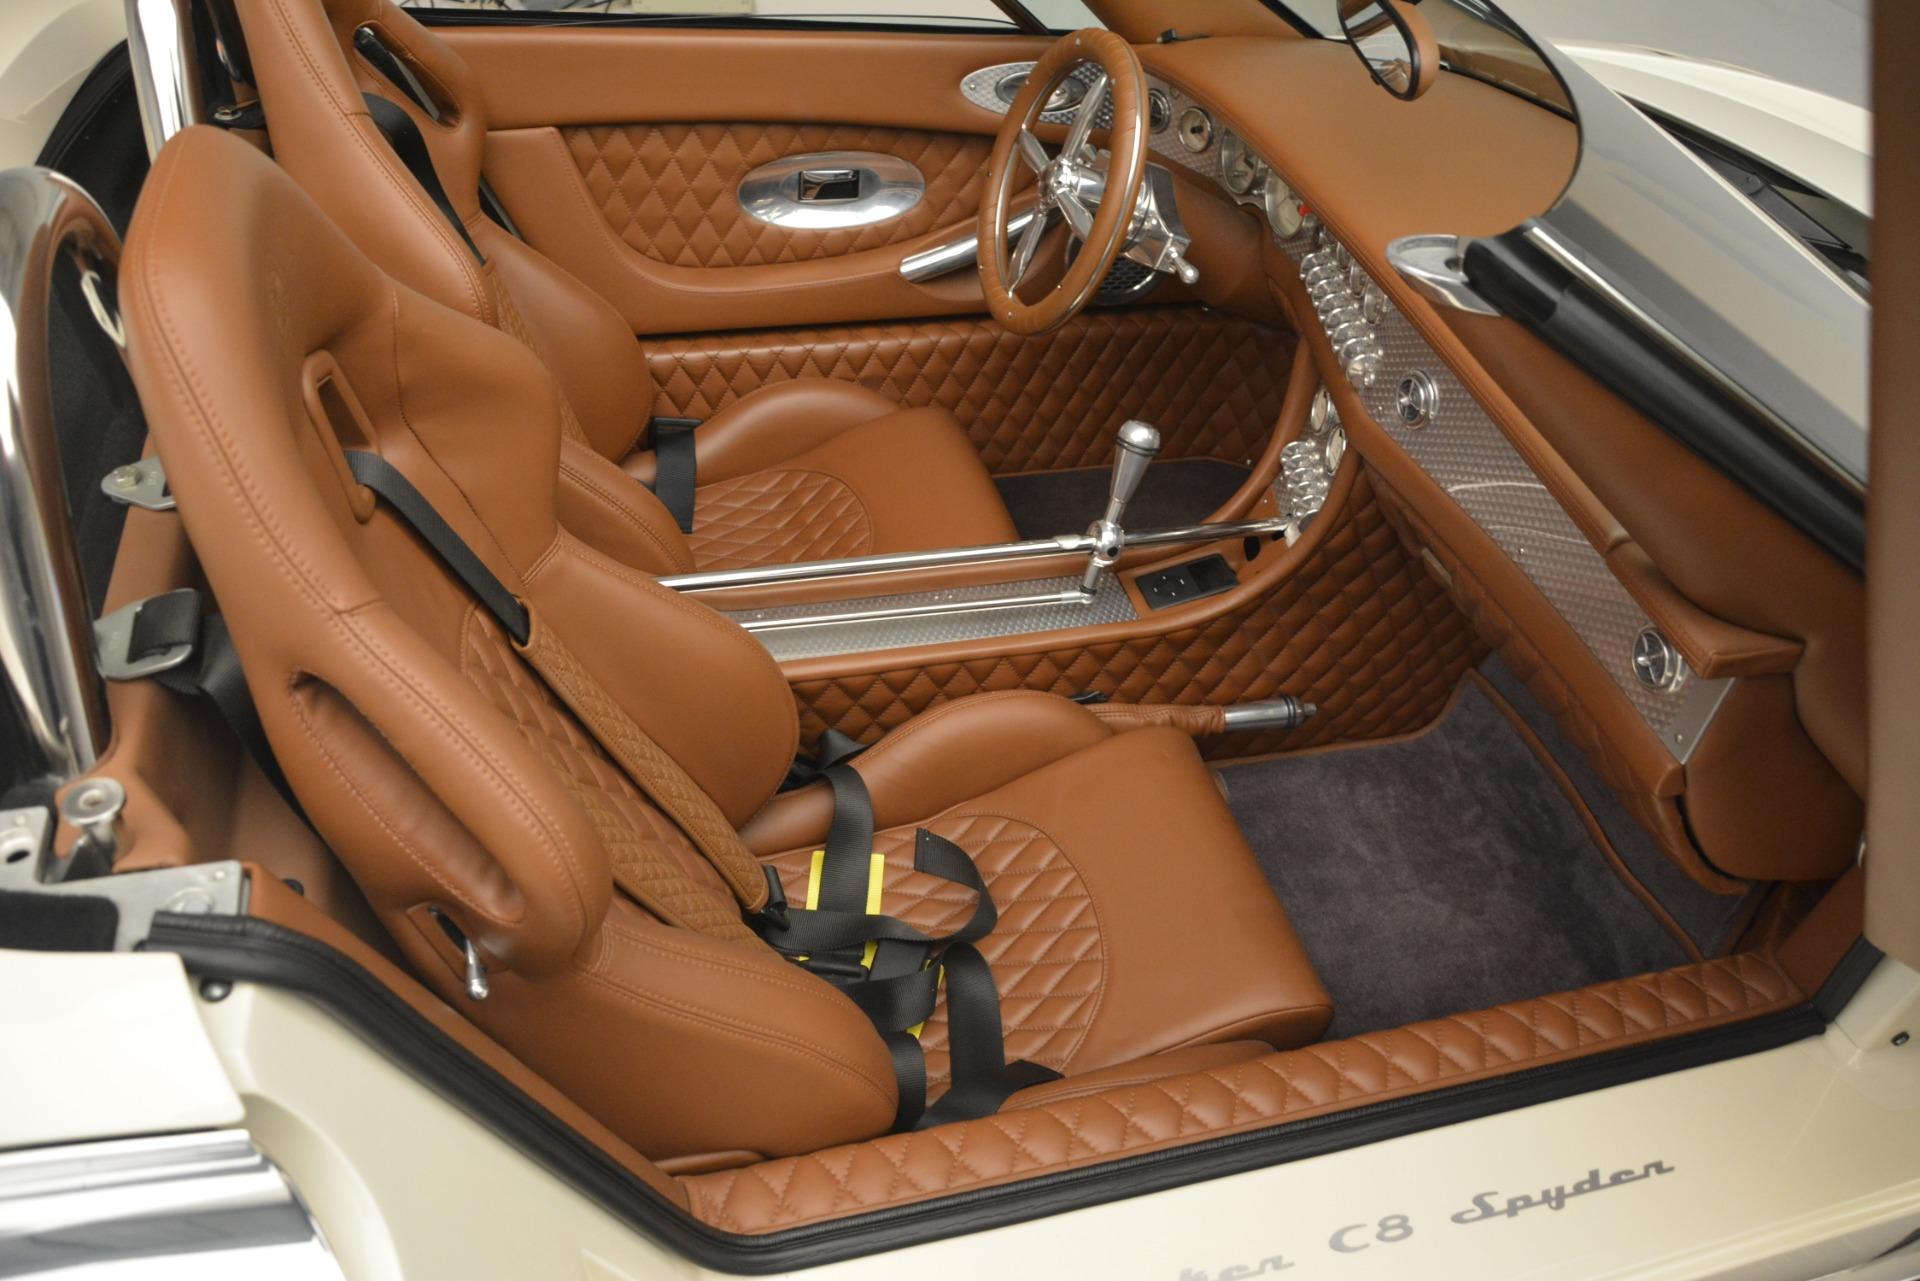 Used 2006 Spyker C8 Spyder  | Greenwich, CT